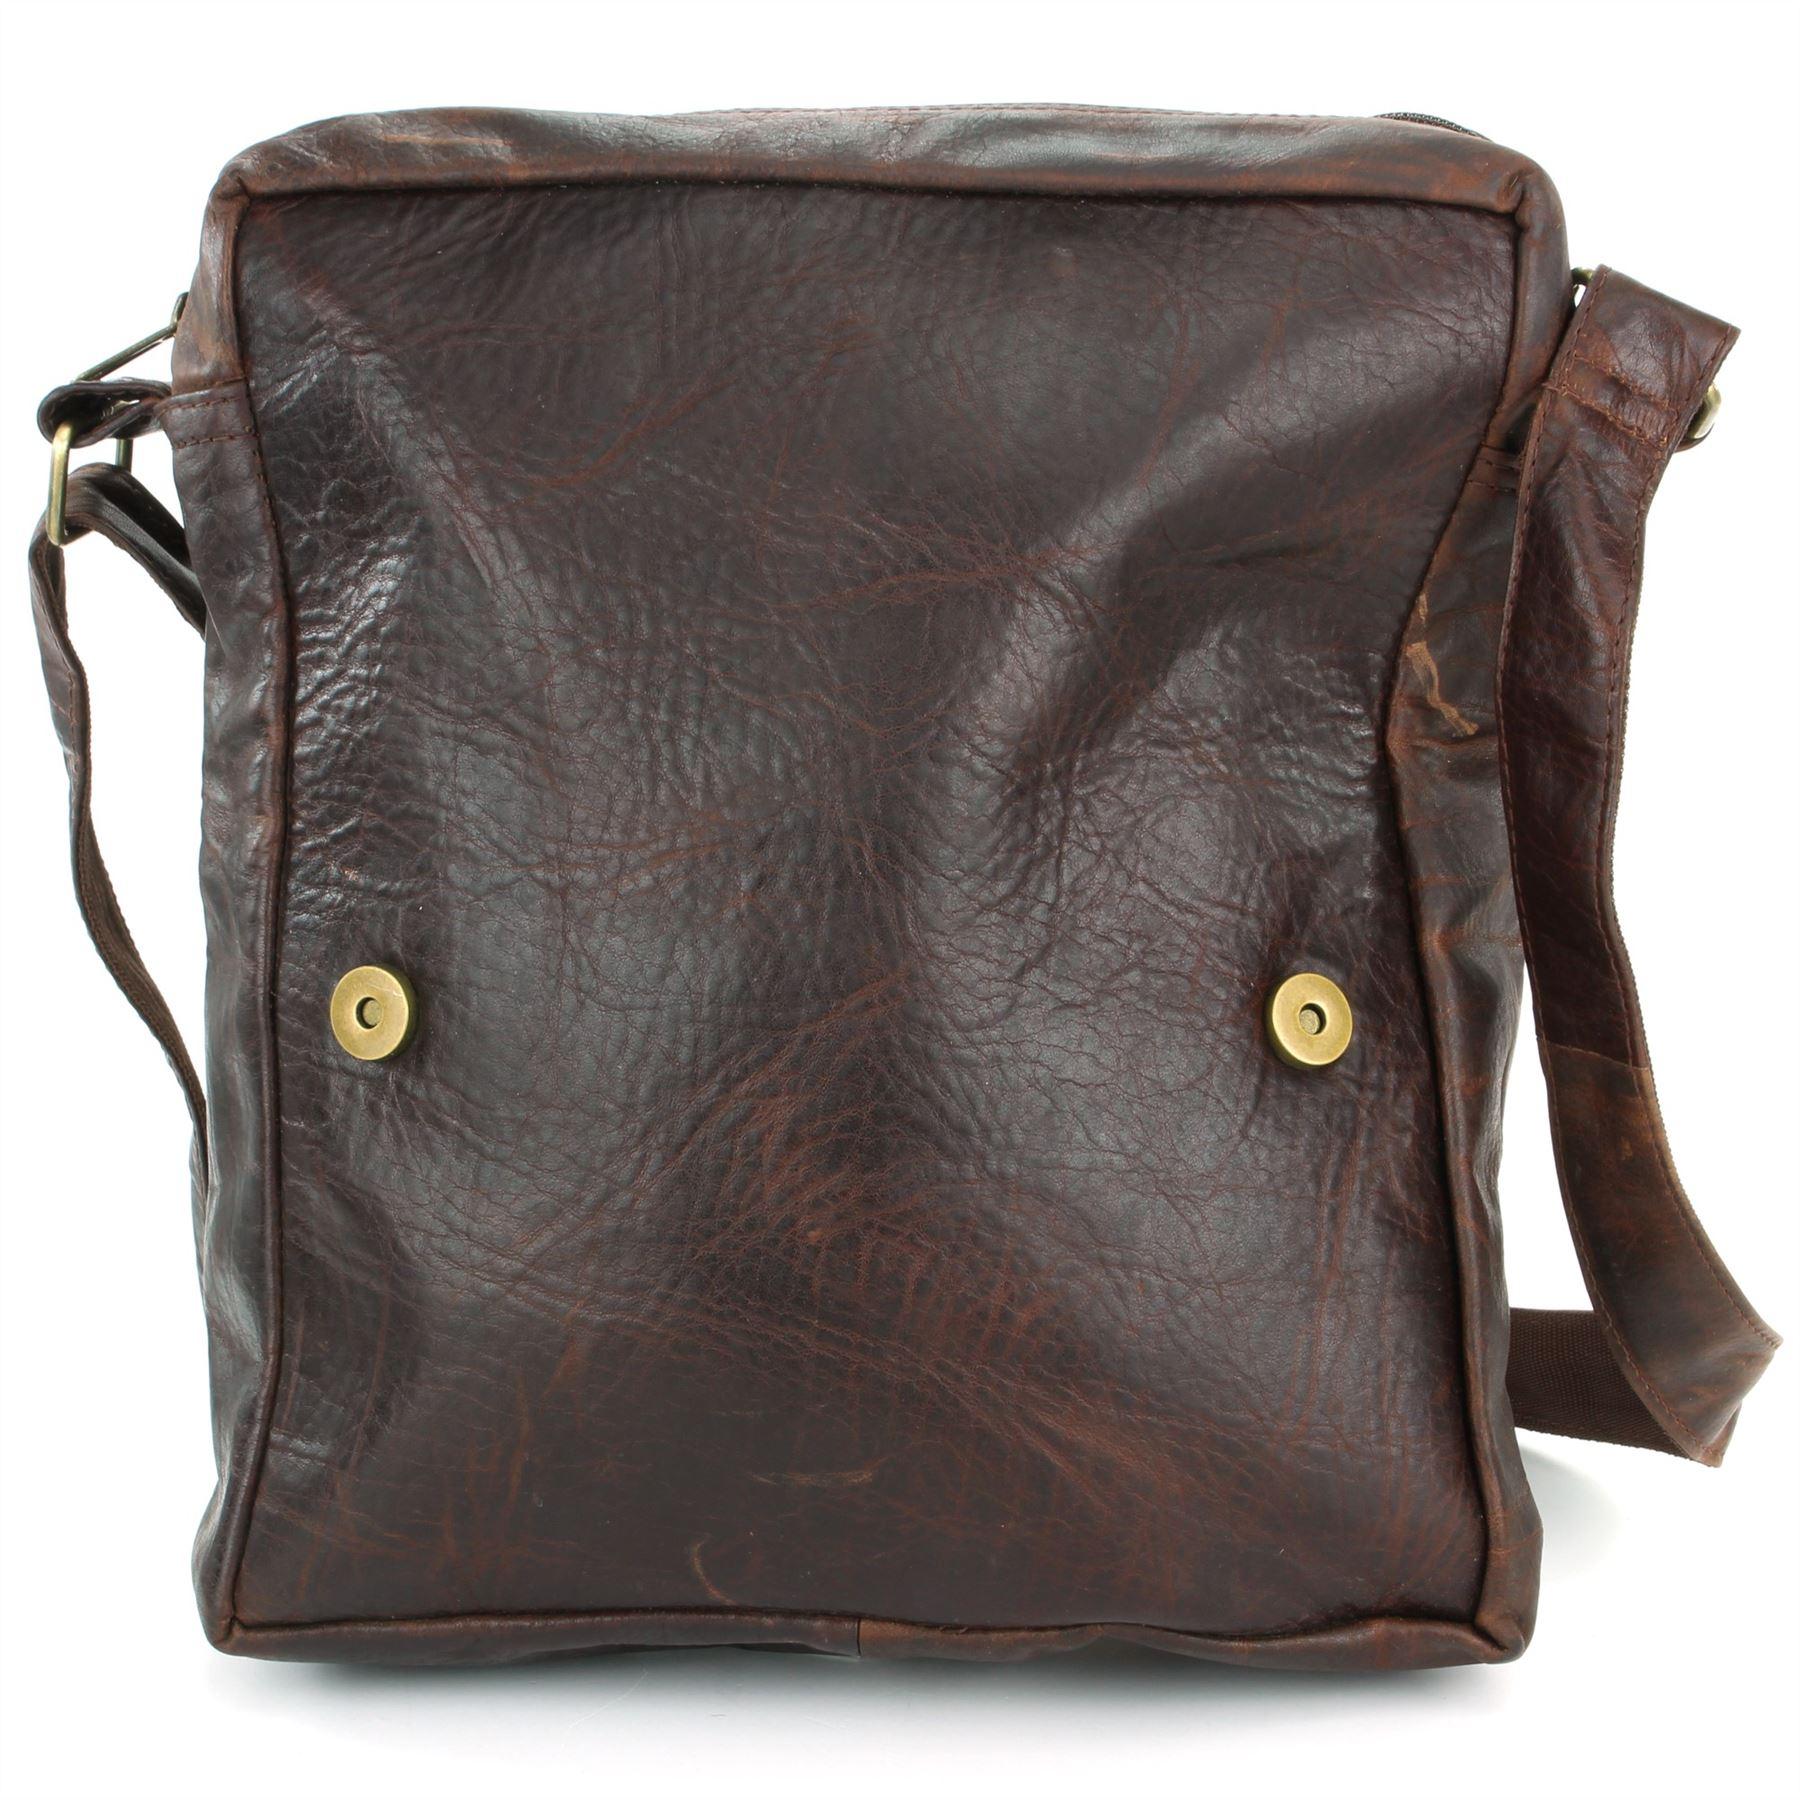 Leather Shoulder Bag Handbag Ladies Men BROWN Real Messenger Satchel ... 29955c7dd80